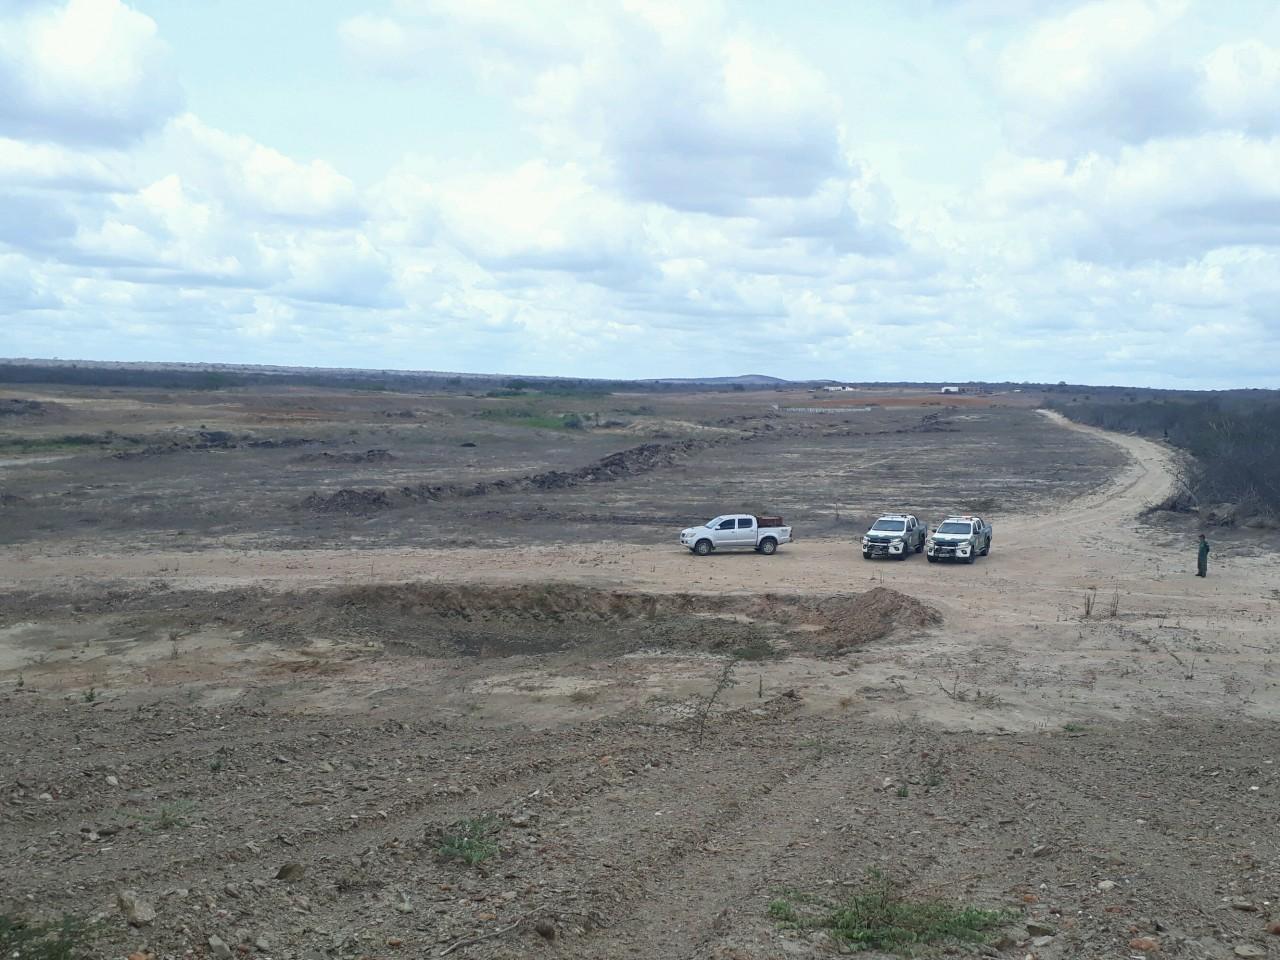 Operação Mandacaru 01 - IBAMA detecta 287 hectares de área desmatada no bioma caatinga na Paraíba